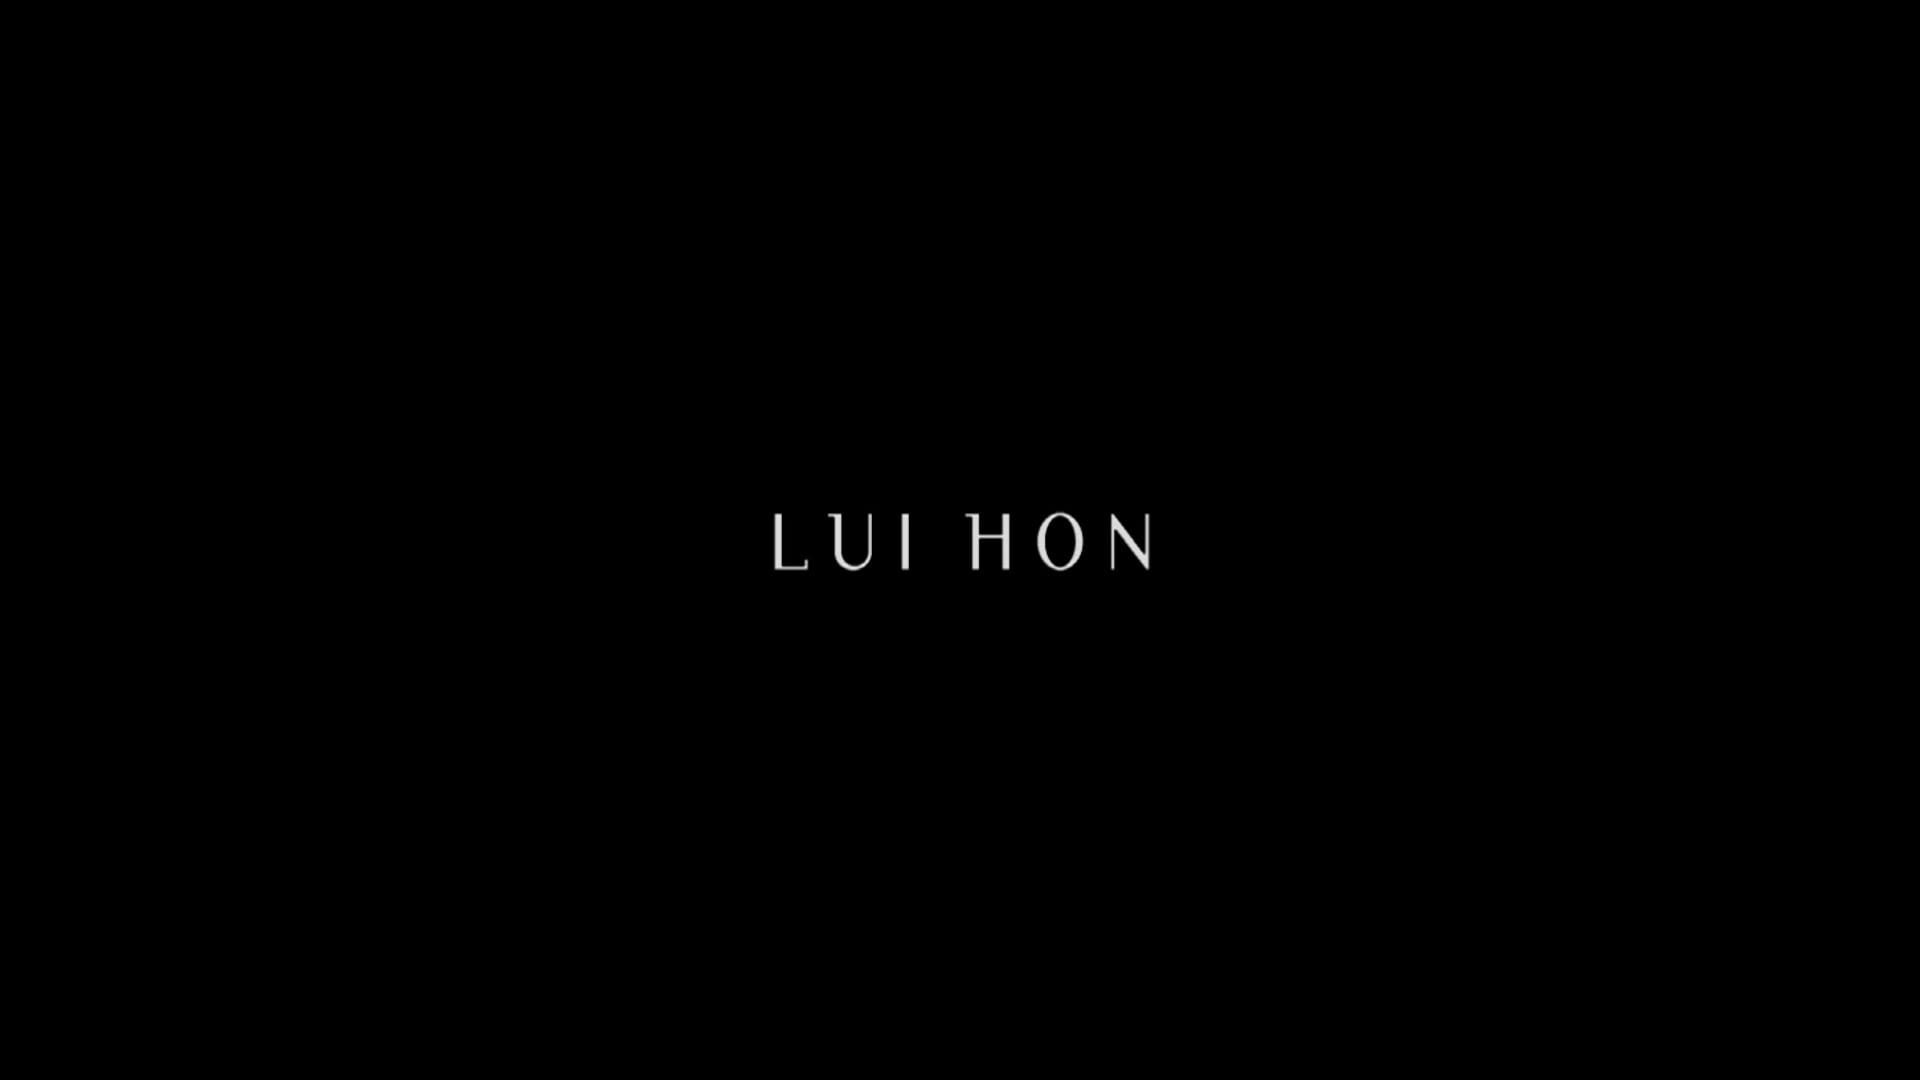 LUI HON x THE DESIGNER THE LABEL